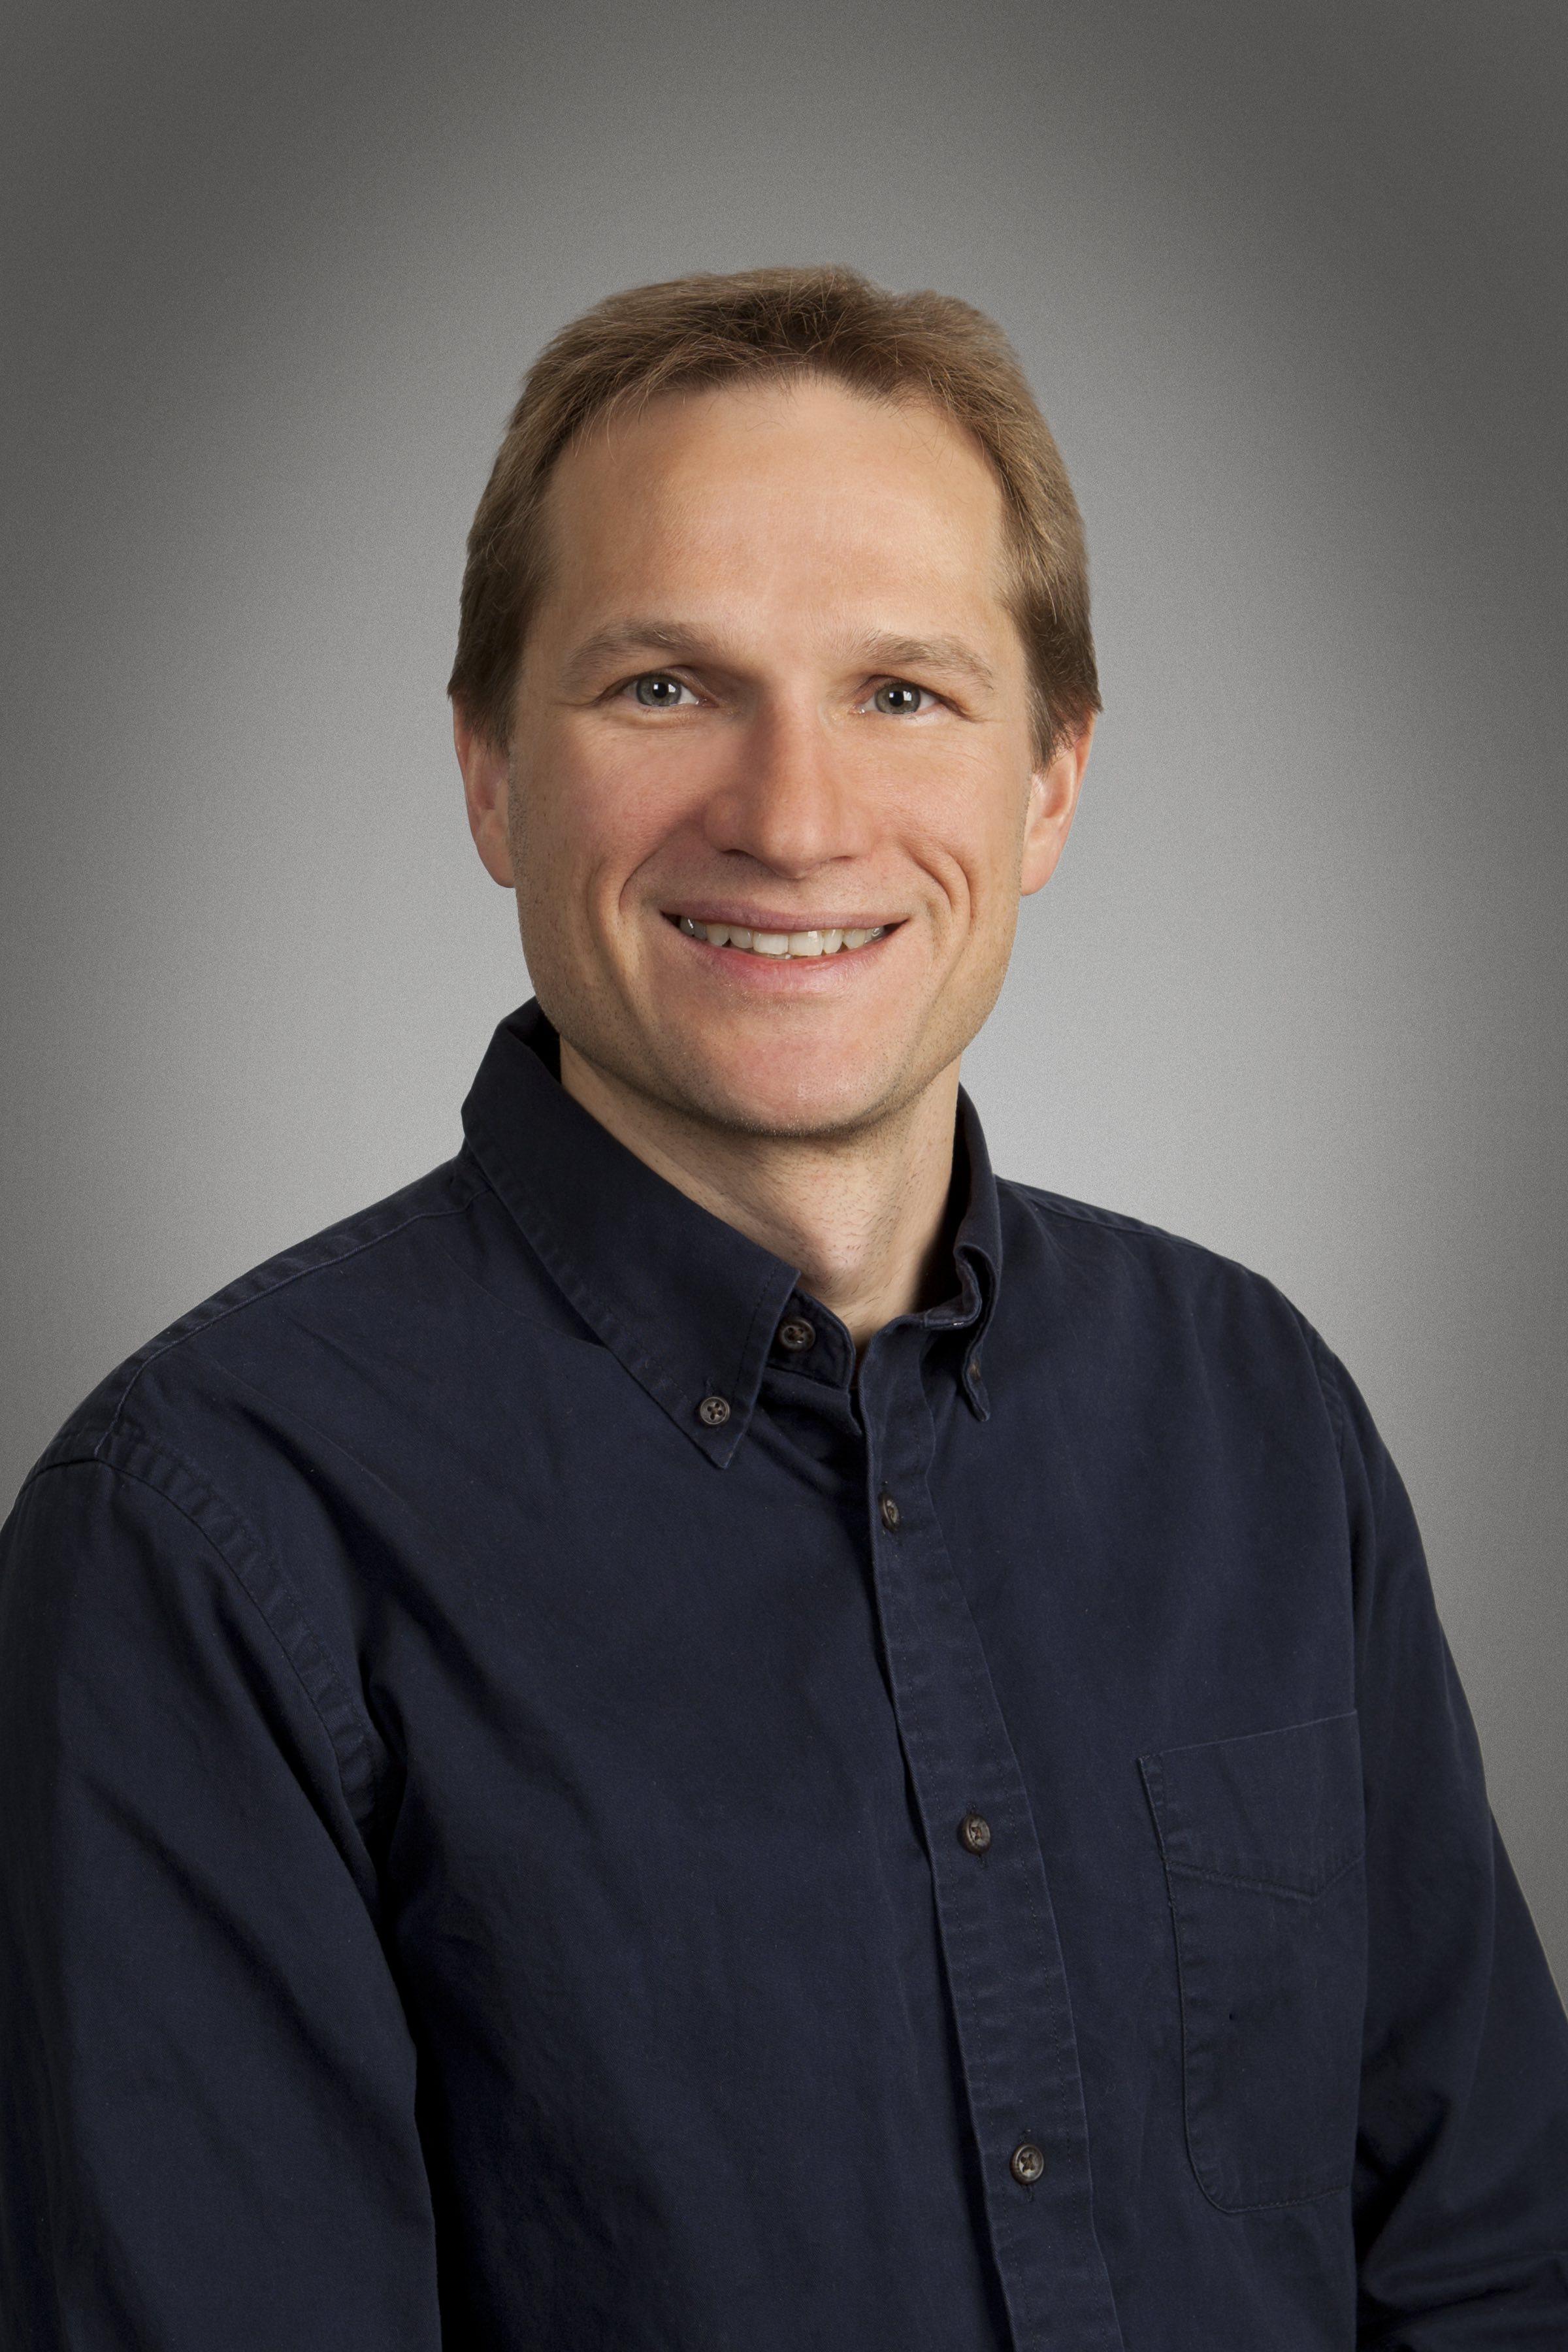 Ken Walz